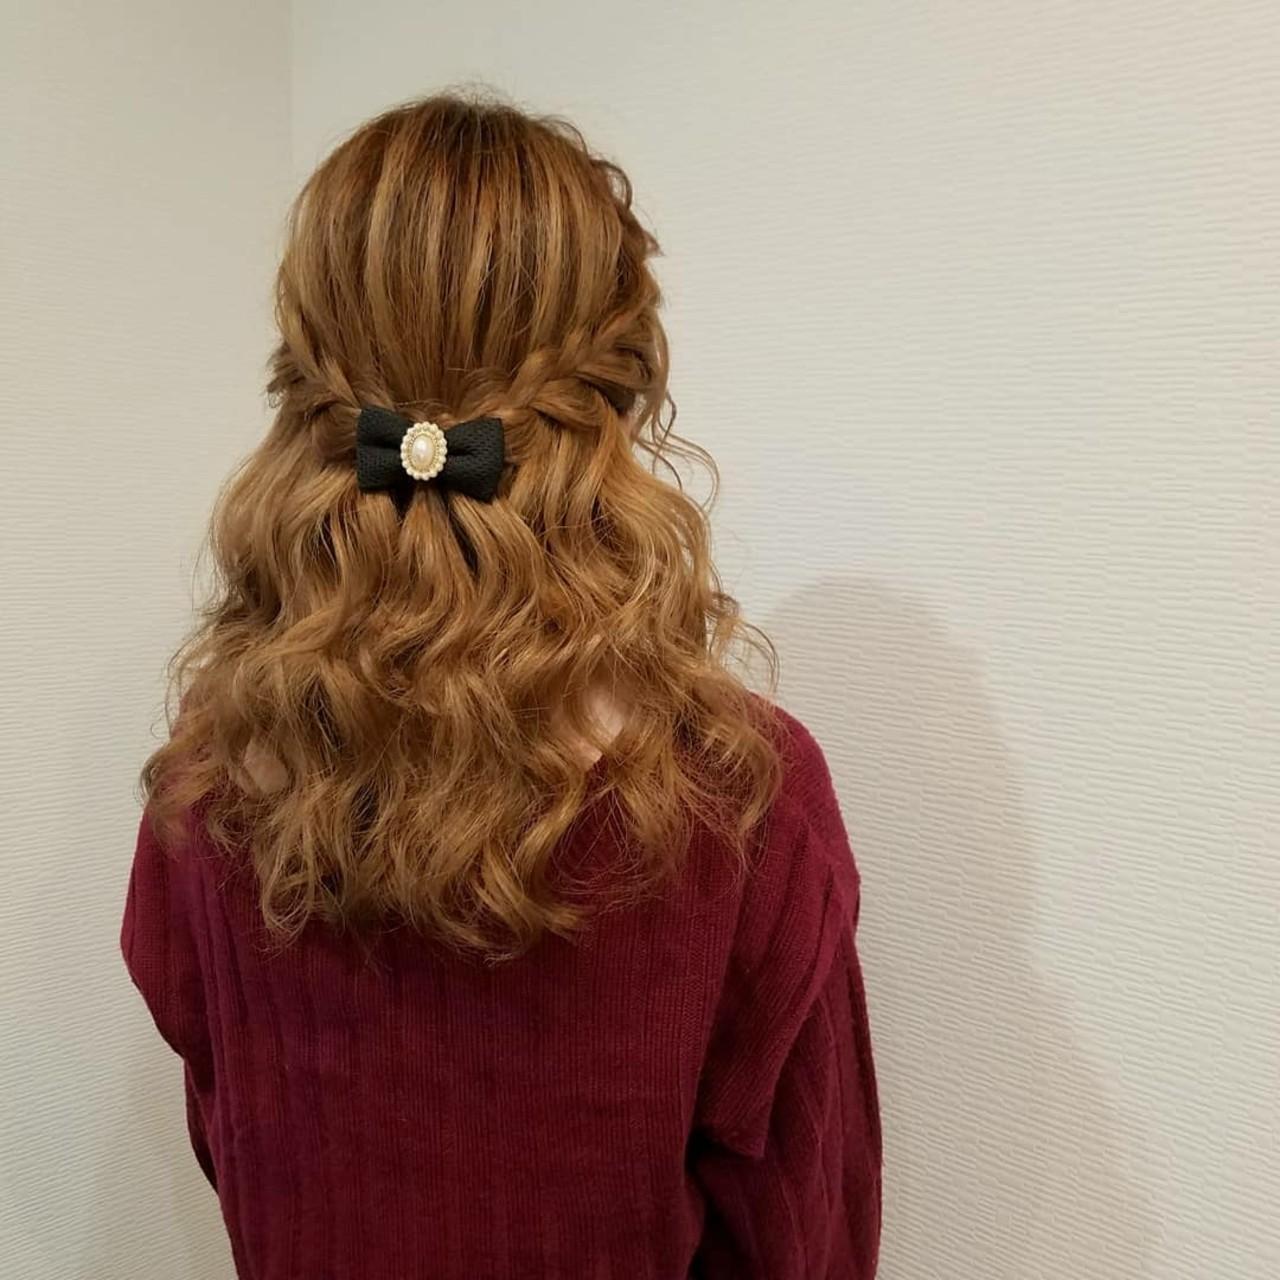 編み込み ハーフアップ ヘアアレンジ セミロング ヘアスタイルや髪型の写真・画像